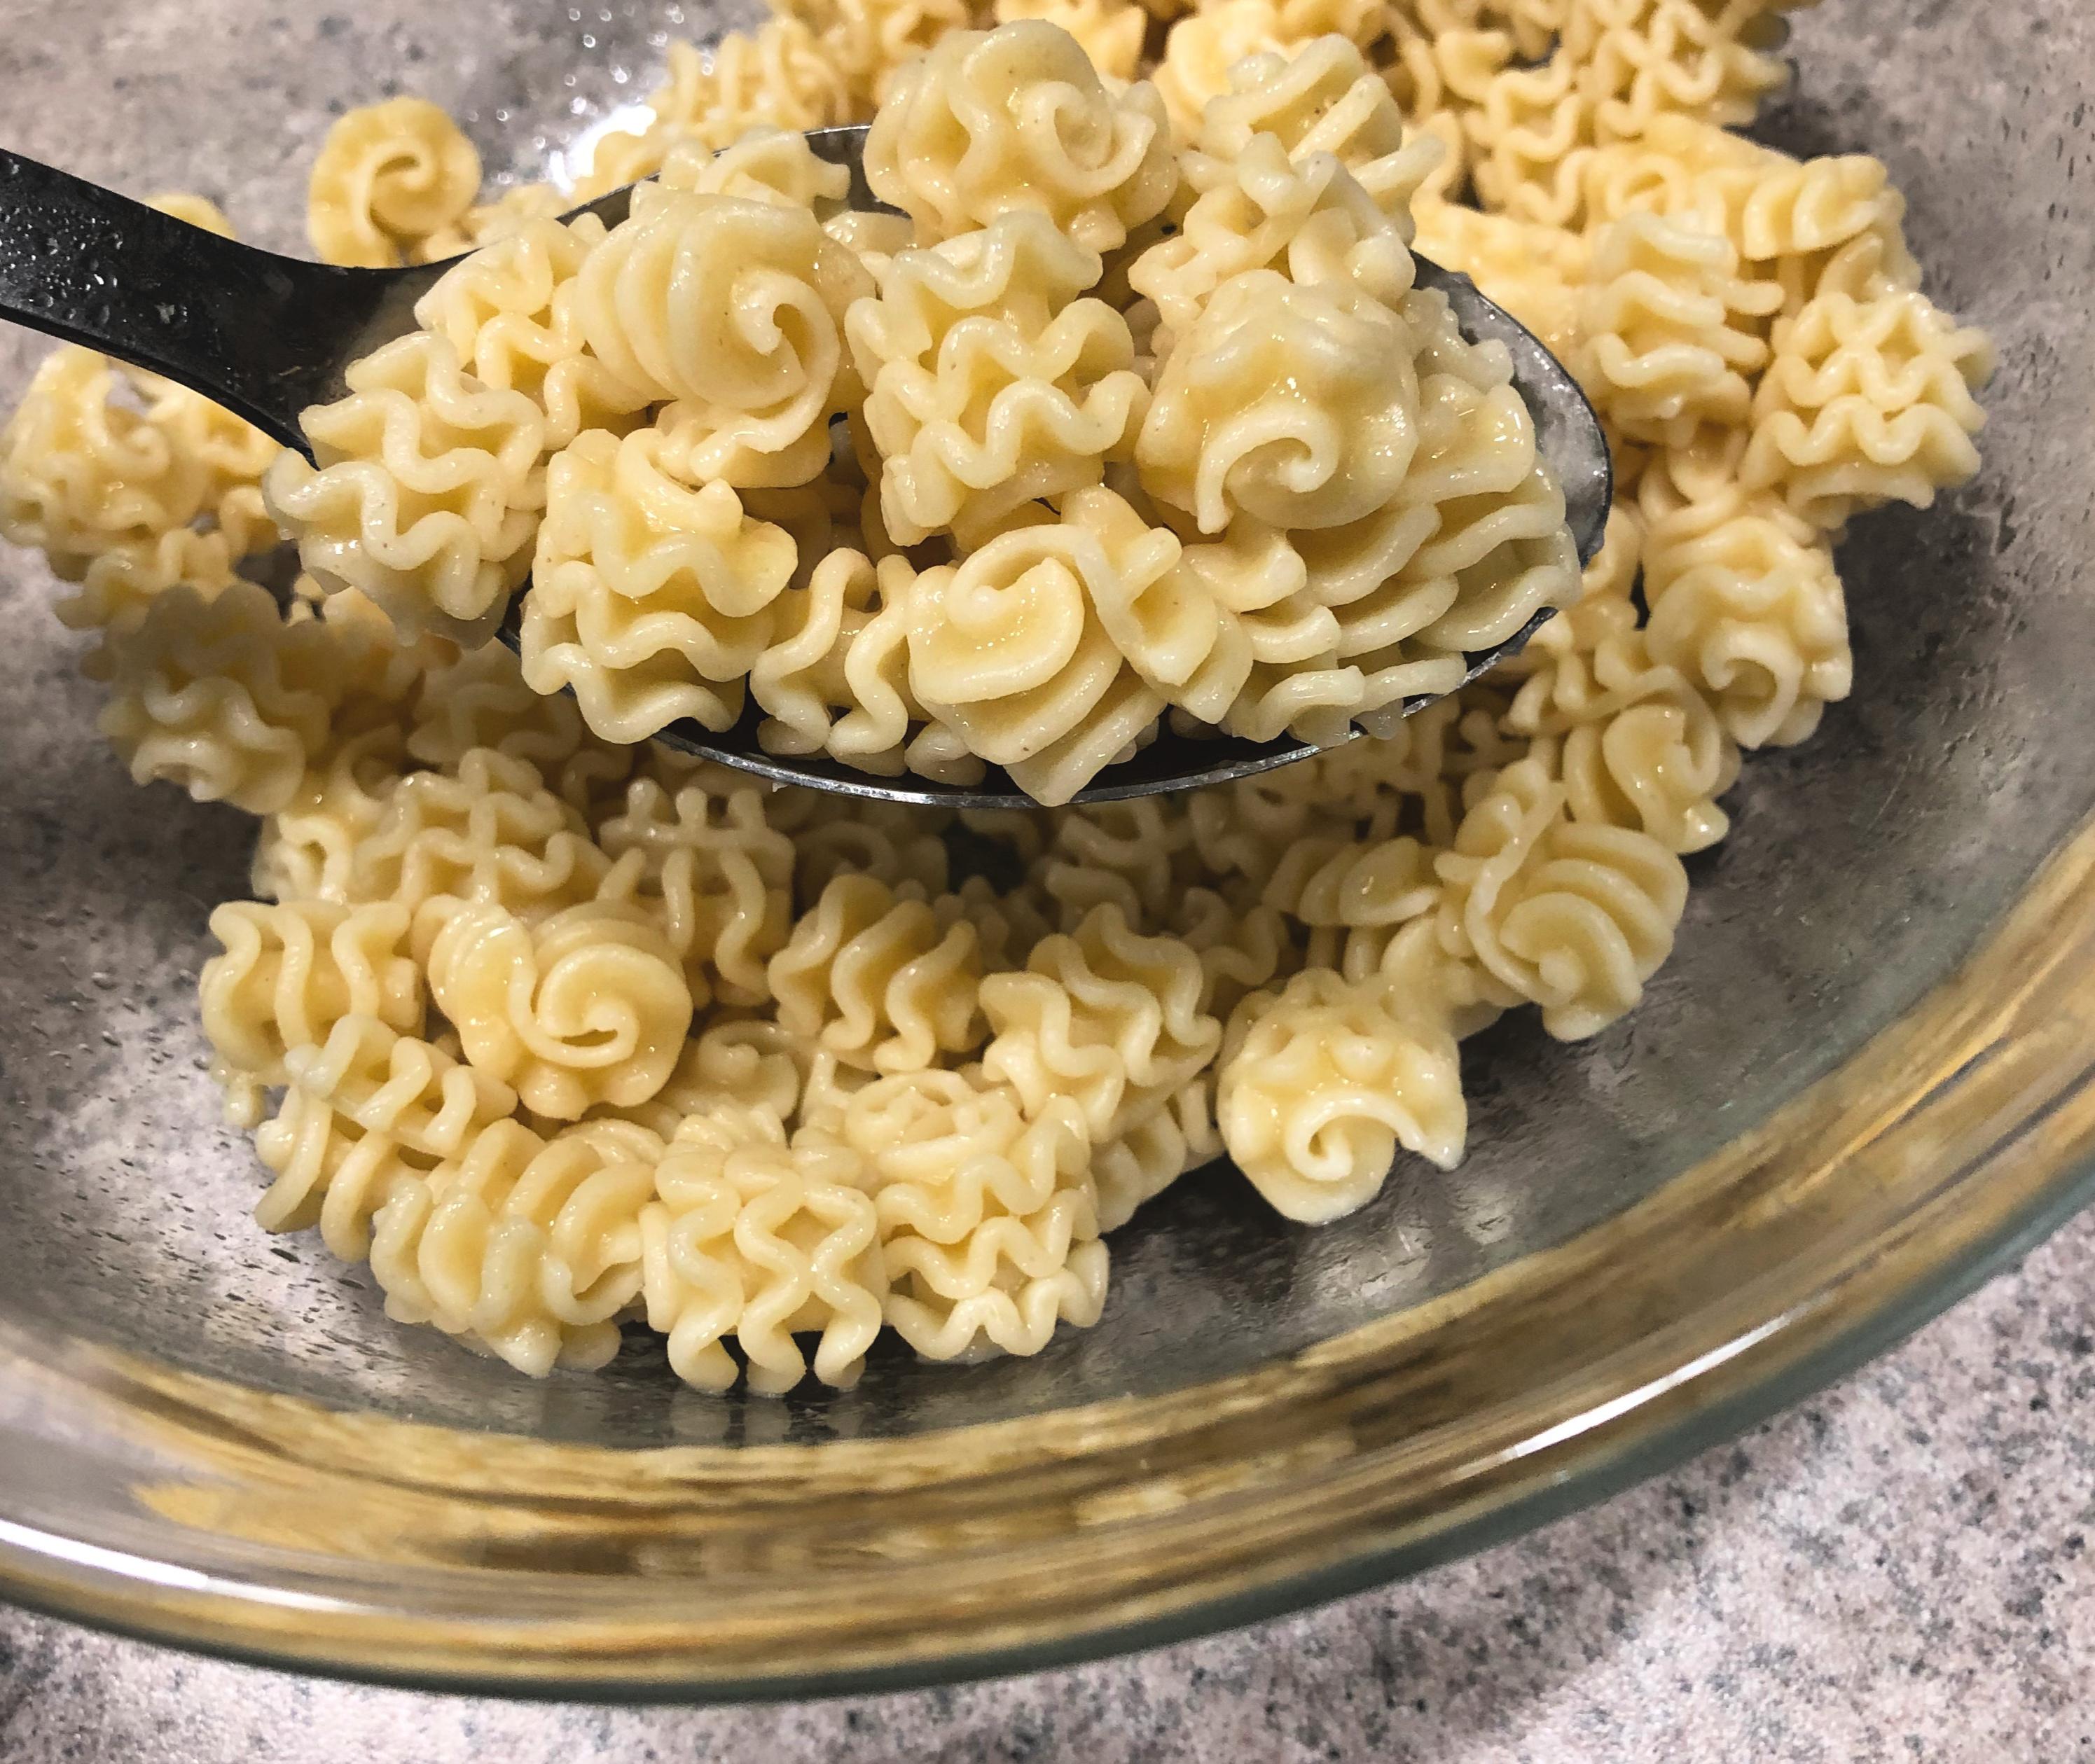 La Cuisine Bowls